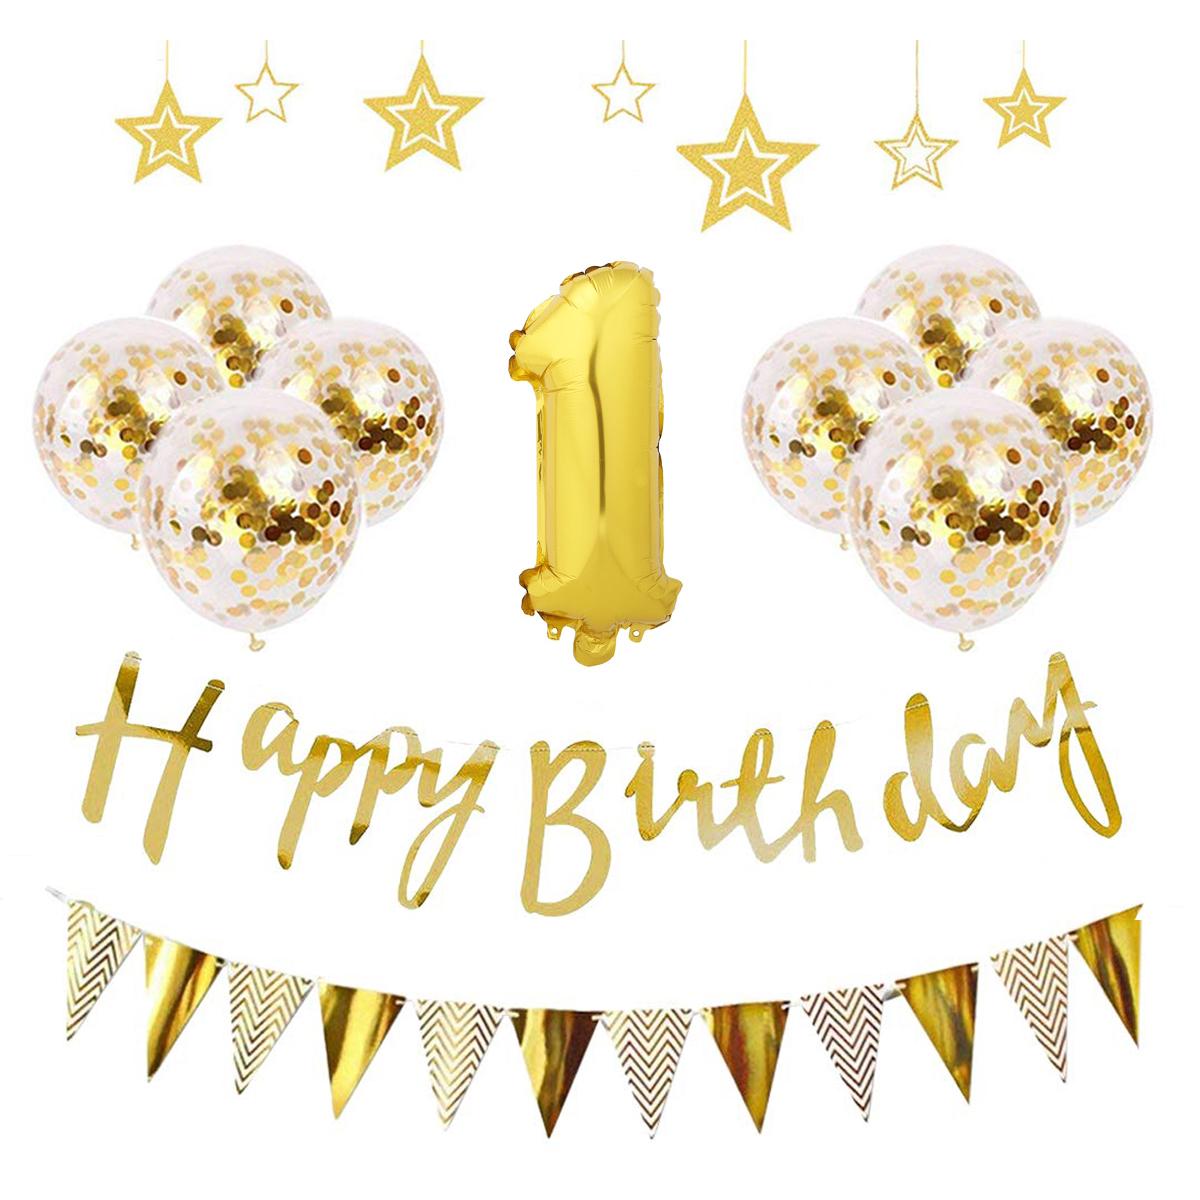 数字が選べる オシャレなバースデーガーランドセット 誕生日 公式 飾り付け バルーン ガーランド セット 数字 風船 Happy 女の子 ゴールド お祝い 絶品 男の子 星 ハッピーバースデー Birthday コンフェッティ